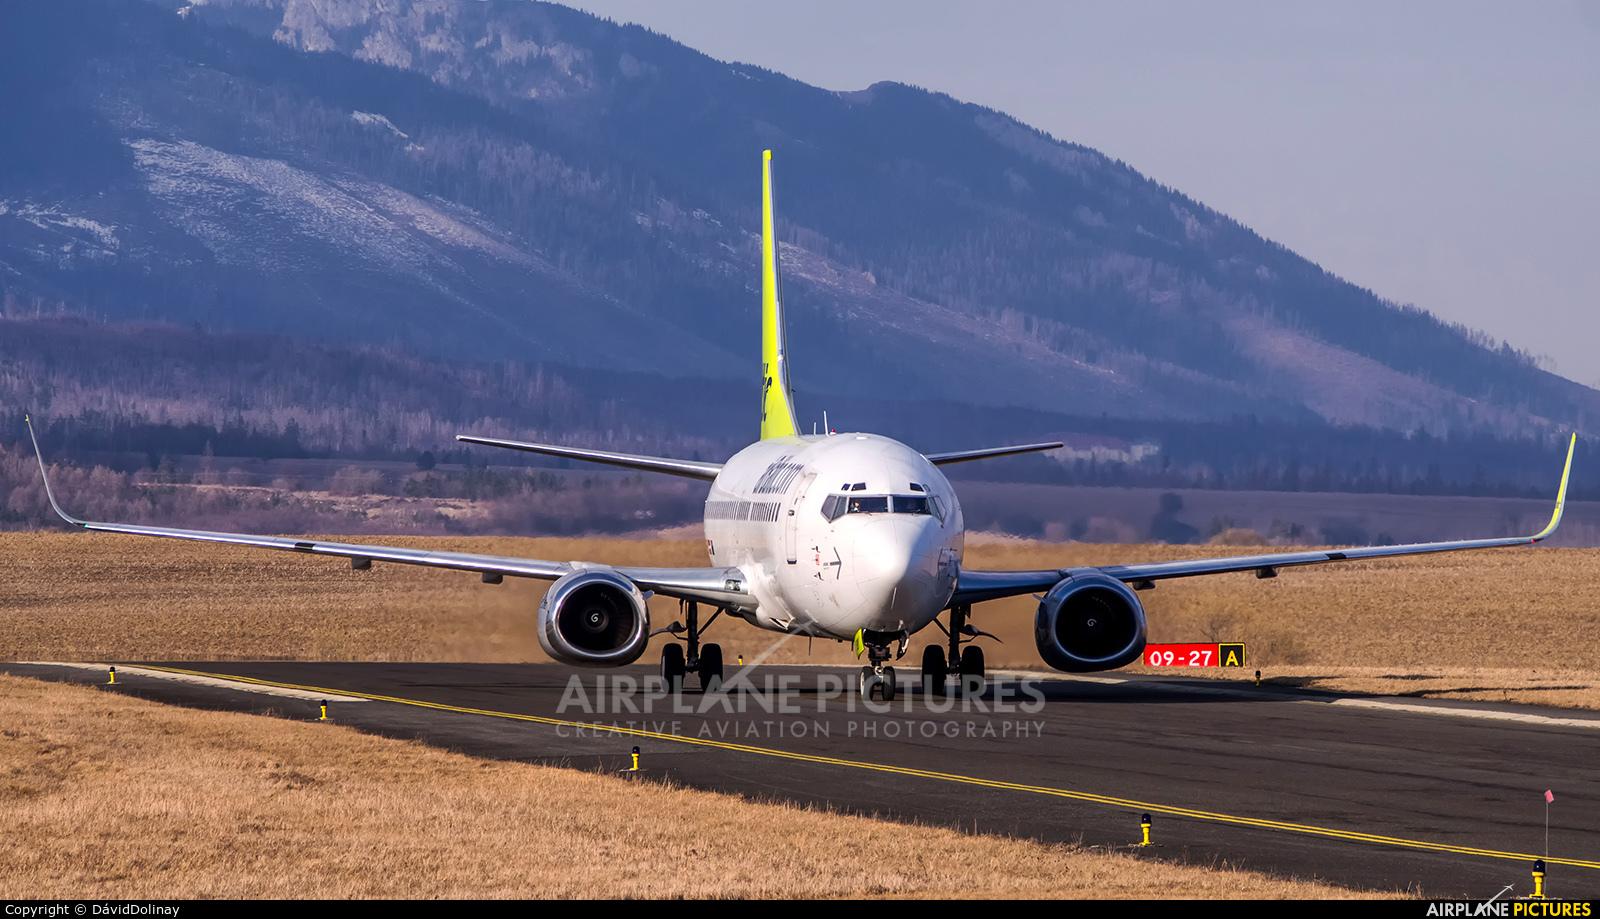 Air Baltic YL-BBY aircraft at Poprad - Tatry